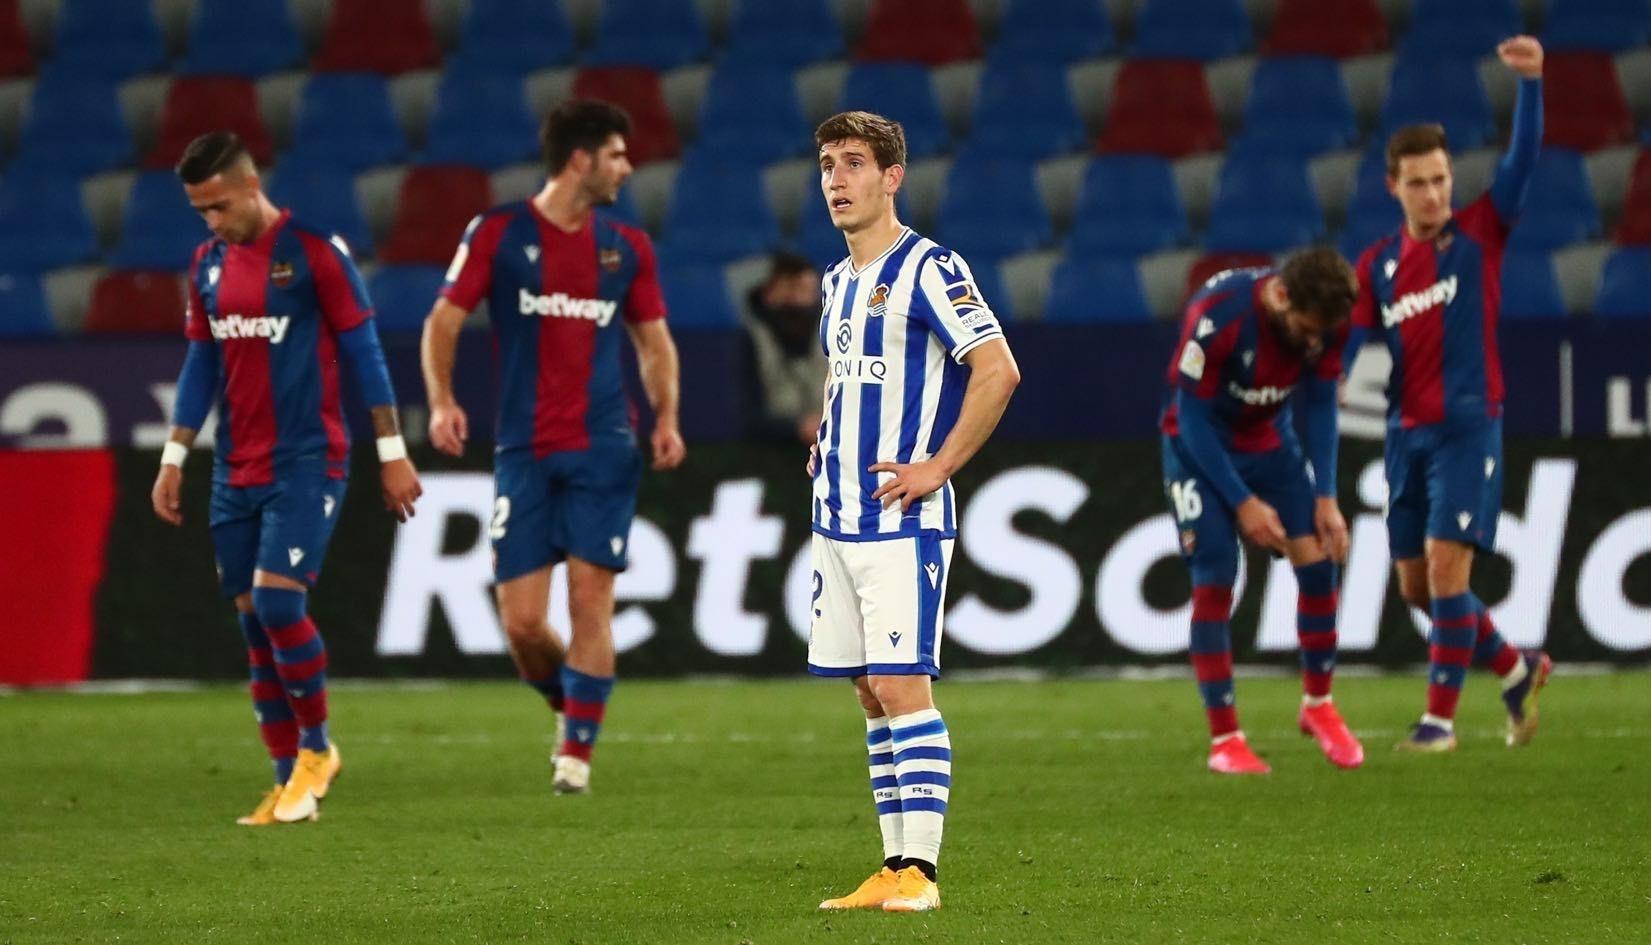 خسر ريال سوسييداد أمام ليفانتي 1-2